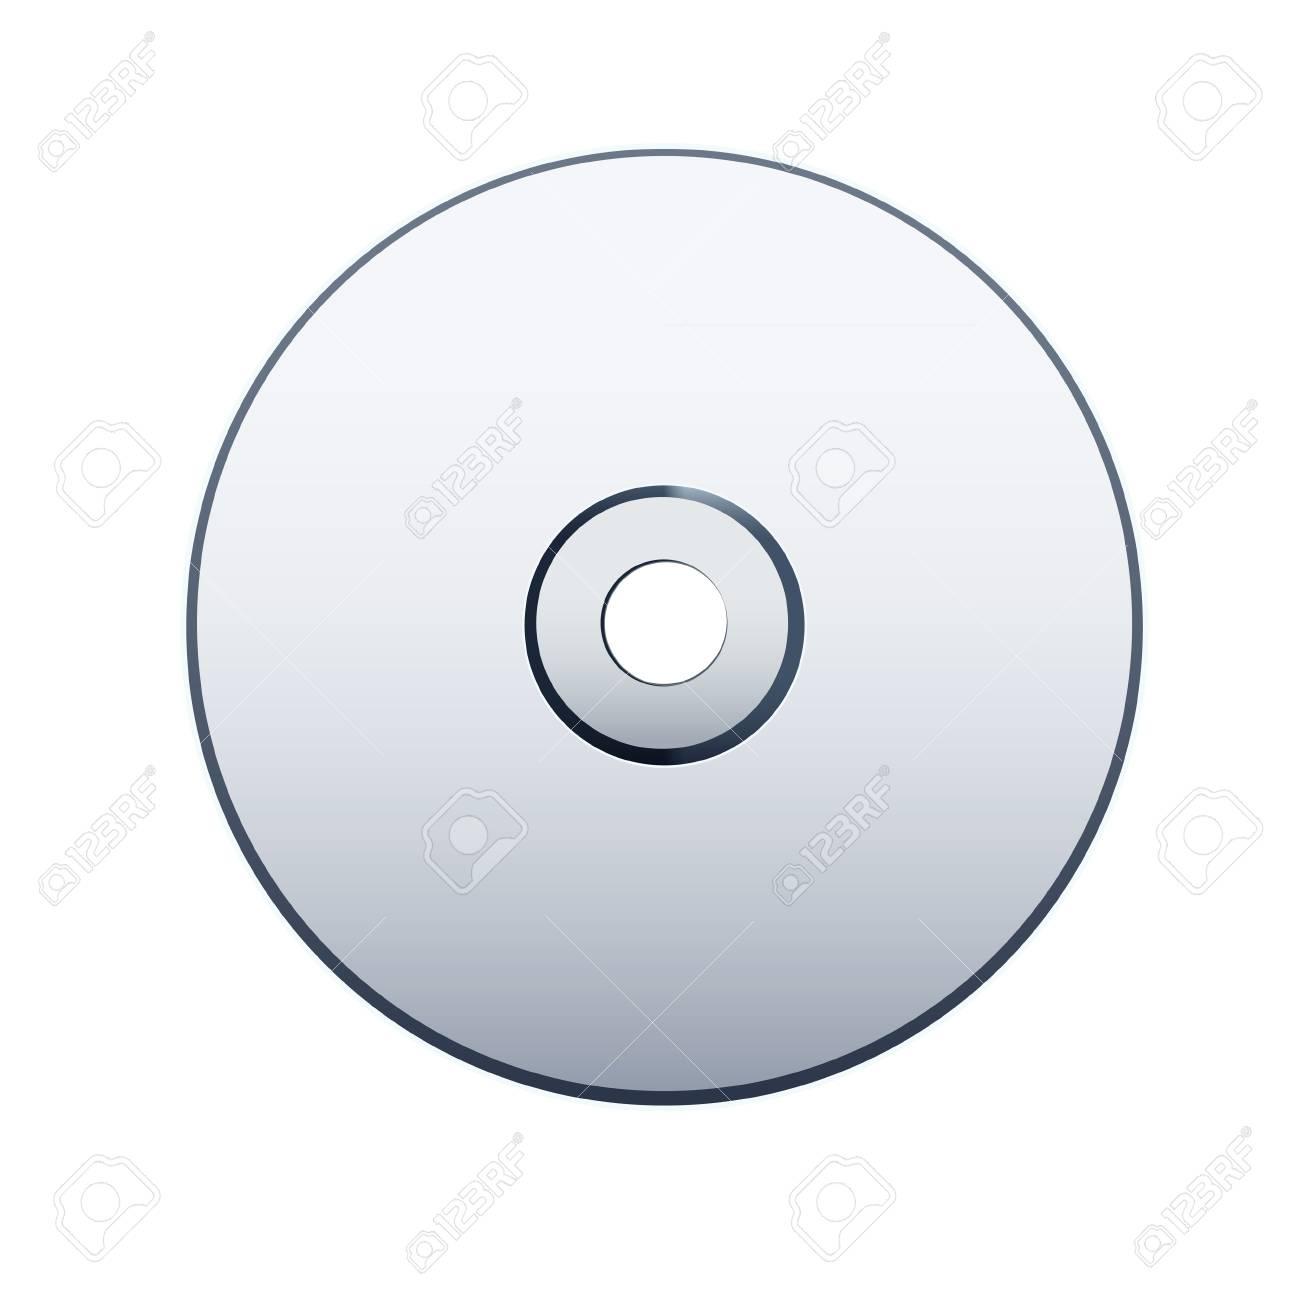 empty cd vector design royalty free cliparts vectors and stock rh 123rf com cd victoria cd victoria tamps